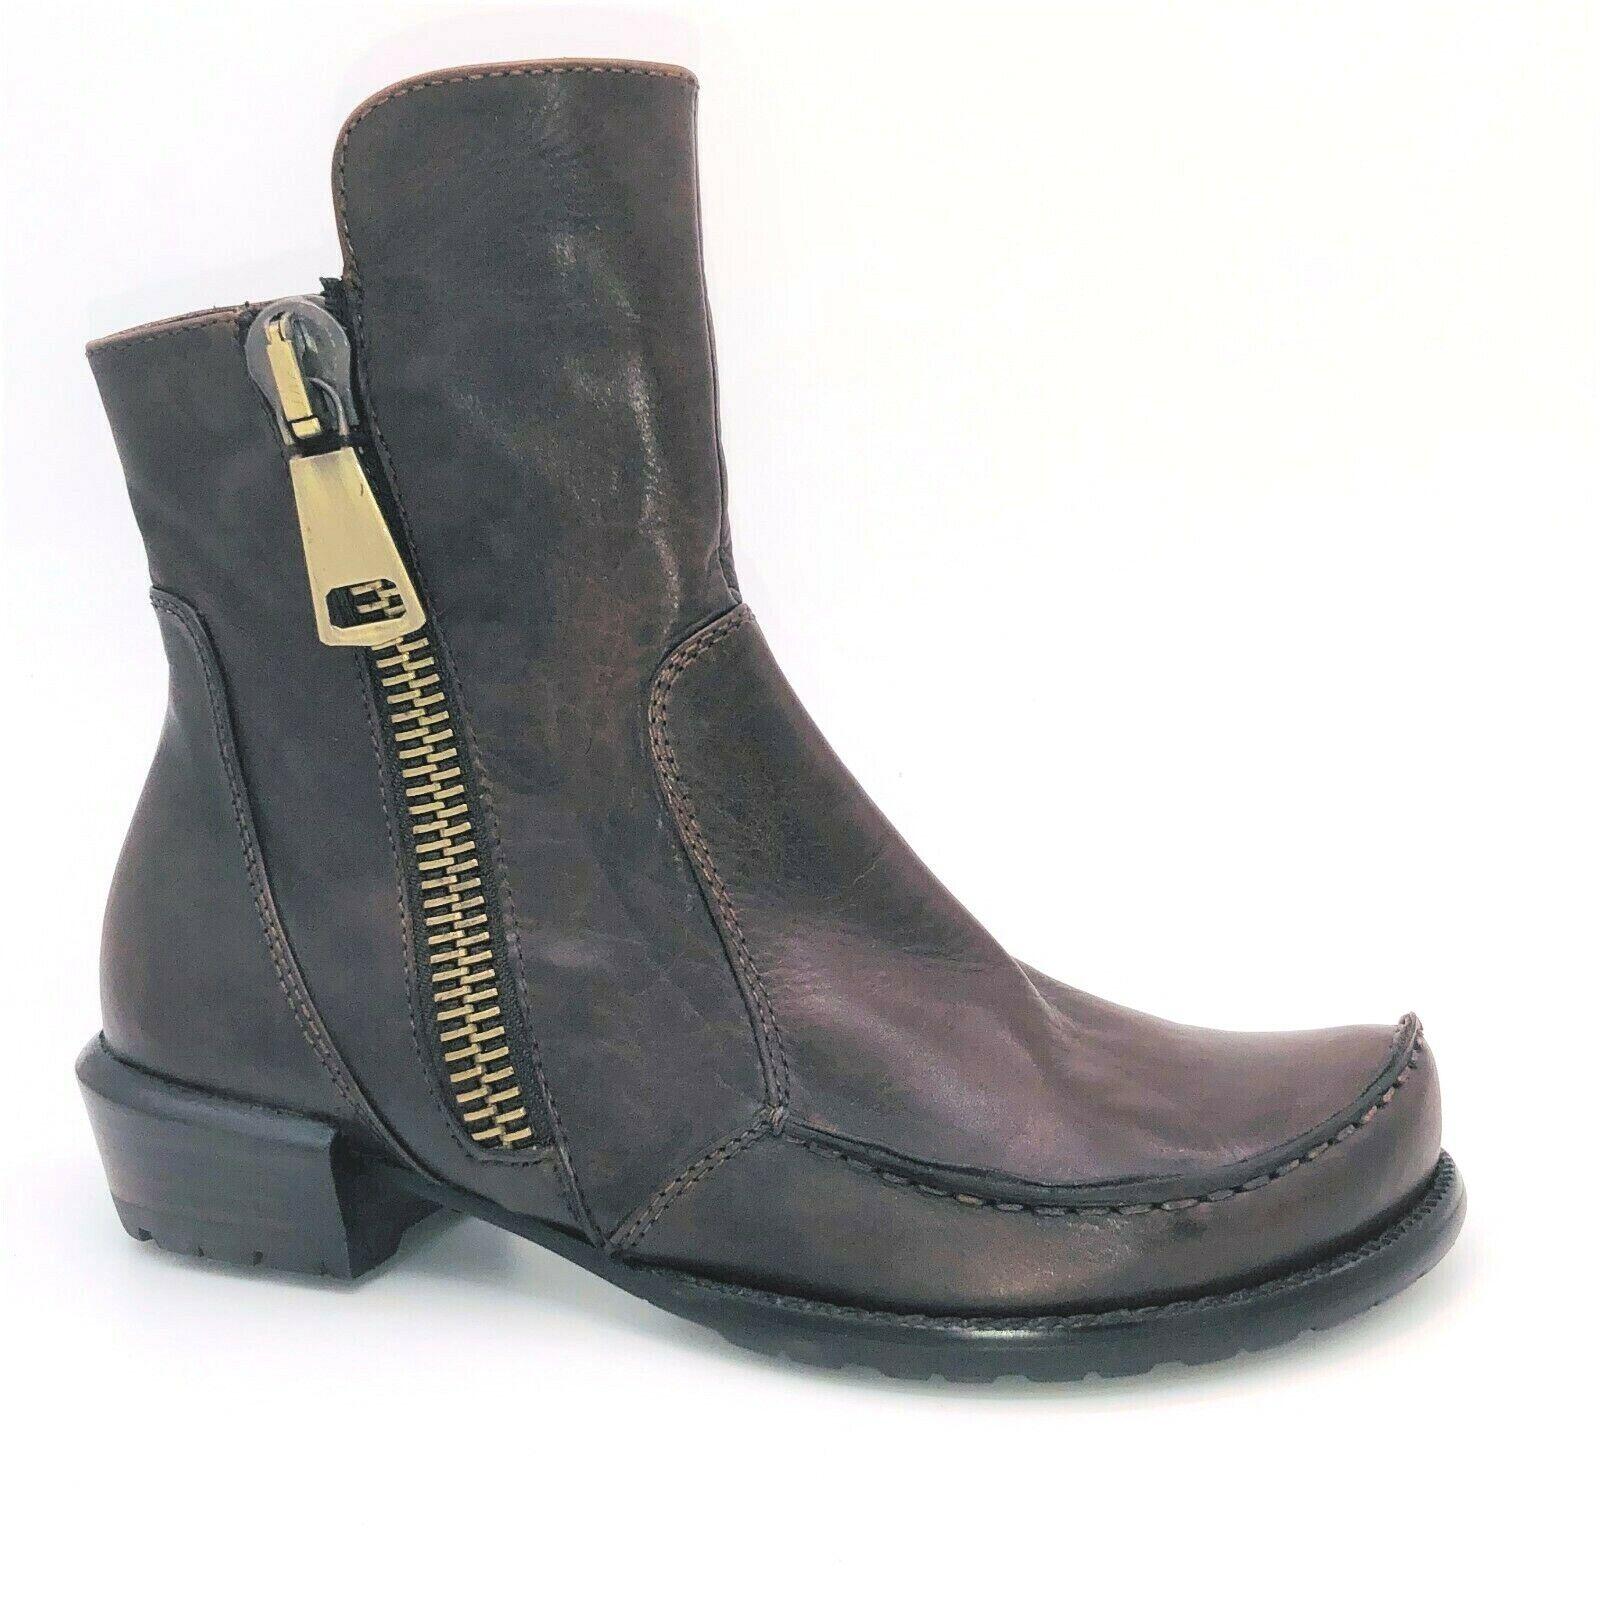 Größe Stiefel Stiefeletten Leder Schuhe Everybody 38 Braun